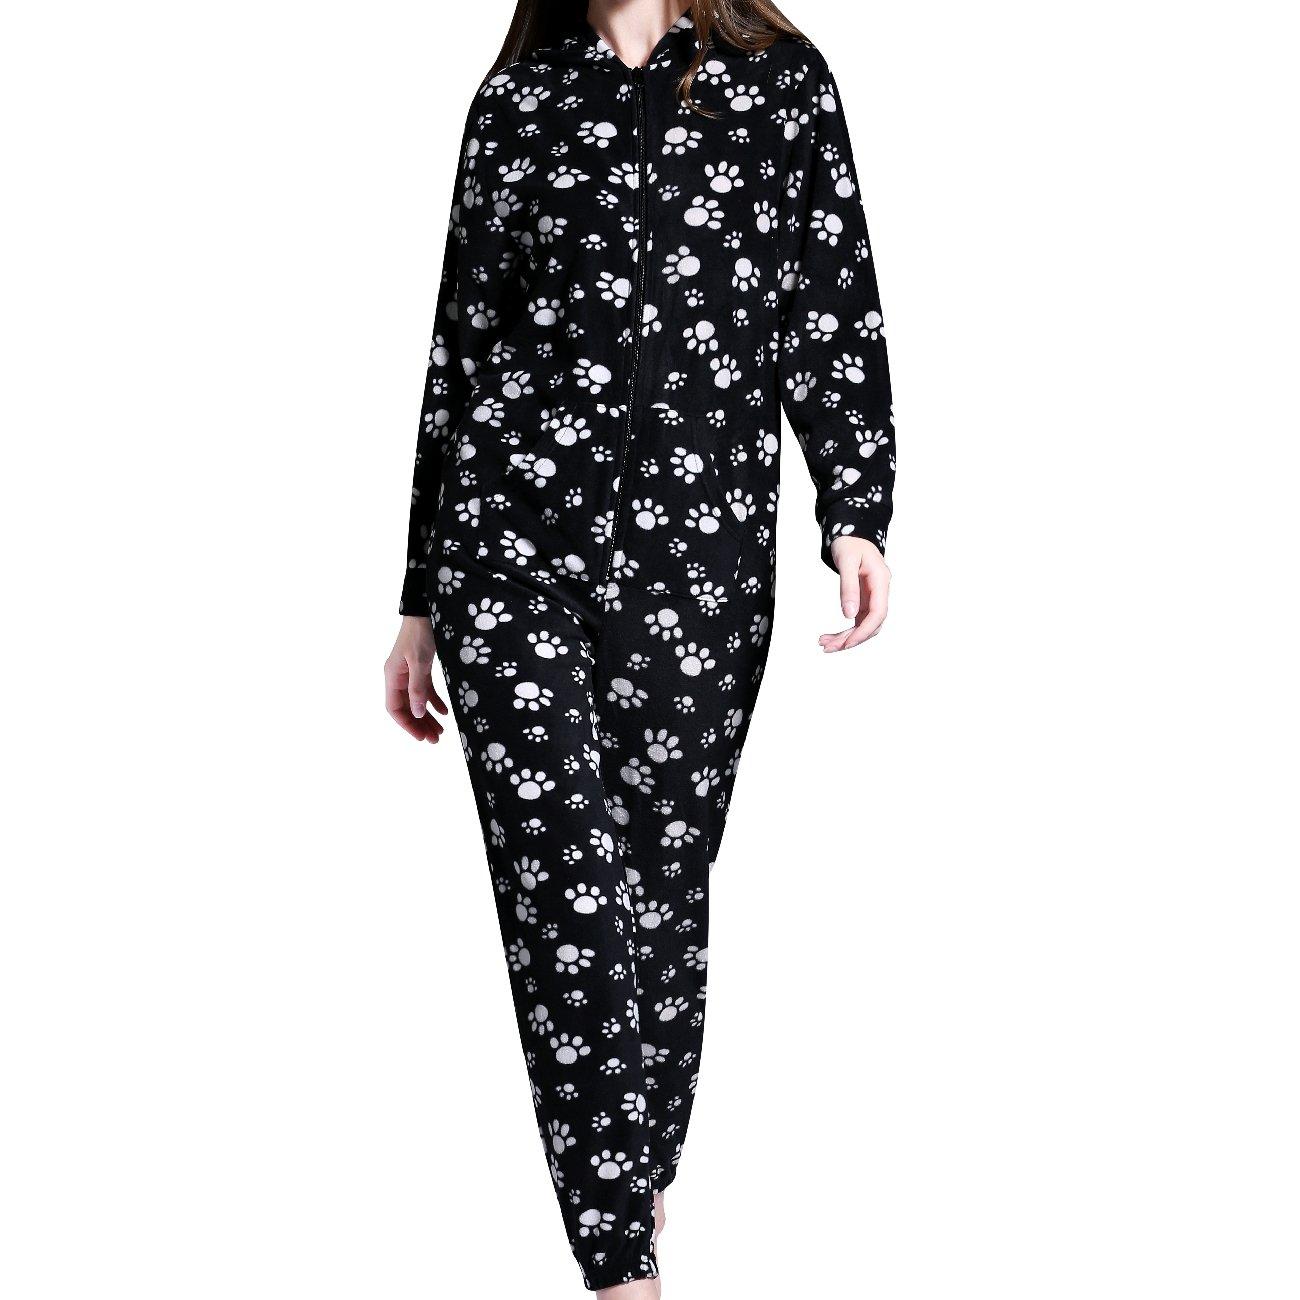 Airee Fairee Damas para Mujer con Capucha Onesie Todo en Pijama Mono una Ropa de Dormir Pijamas